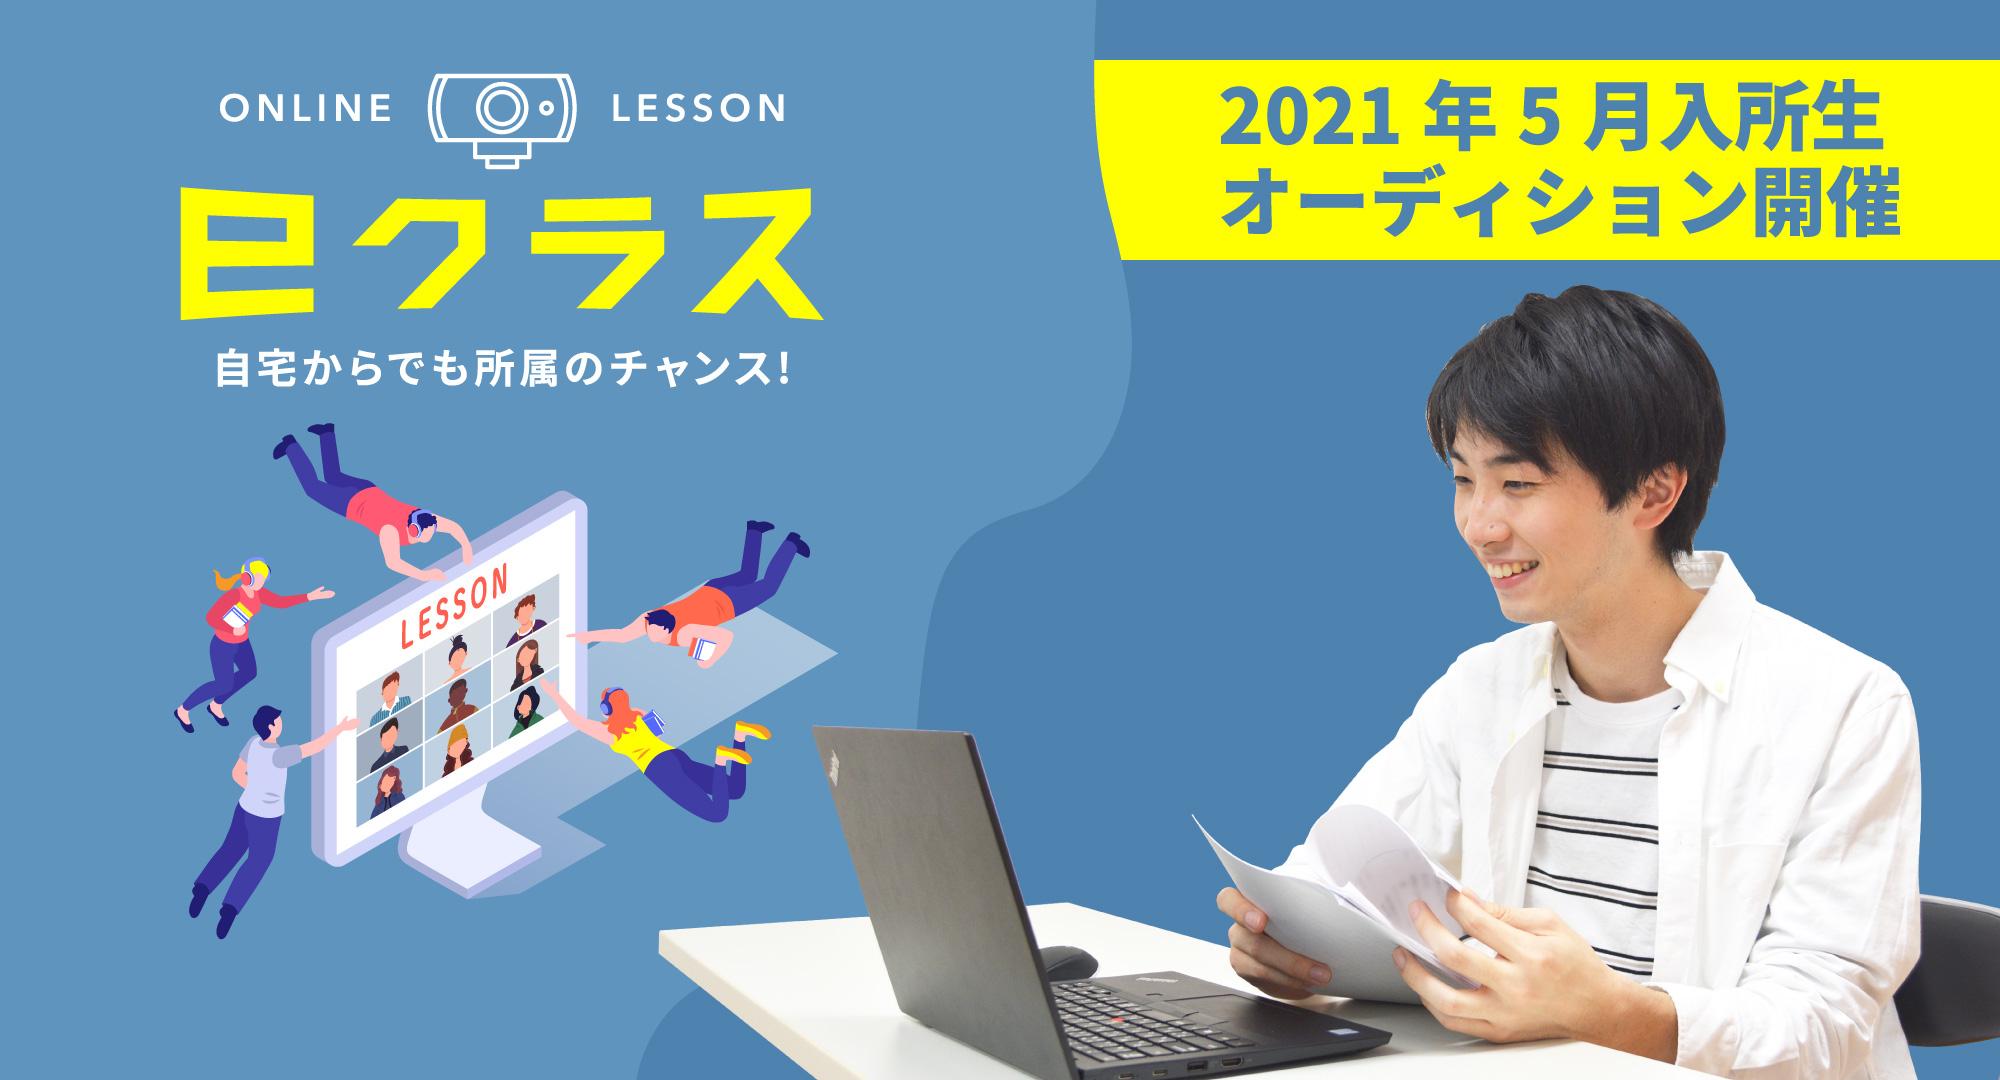 オンラインレッスン・2021年5月入所生オーディション